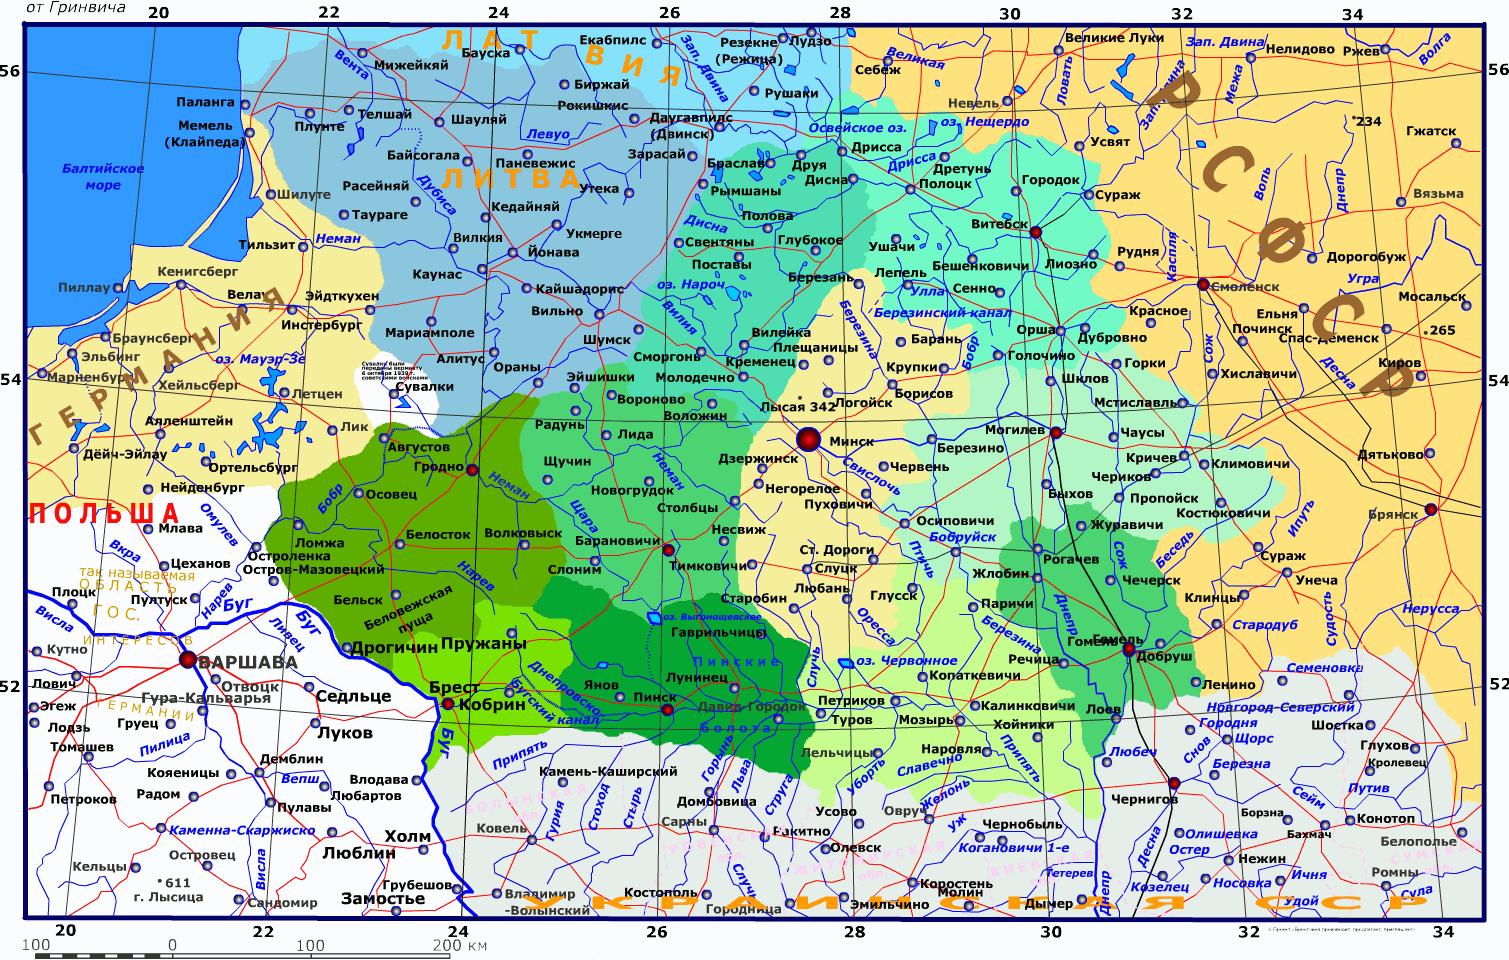 Как выглядела карта украины в 1919 году